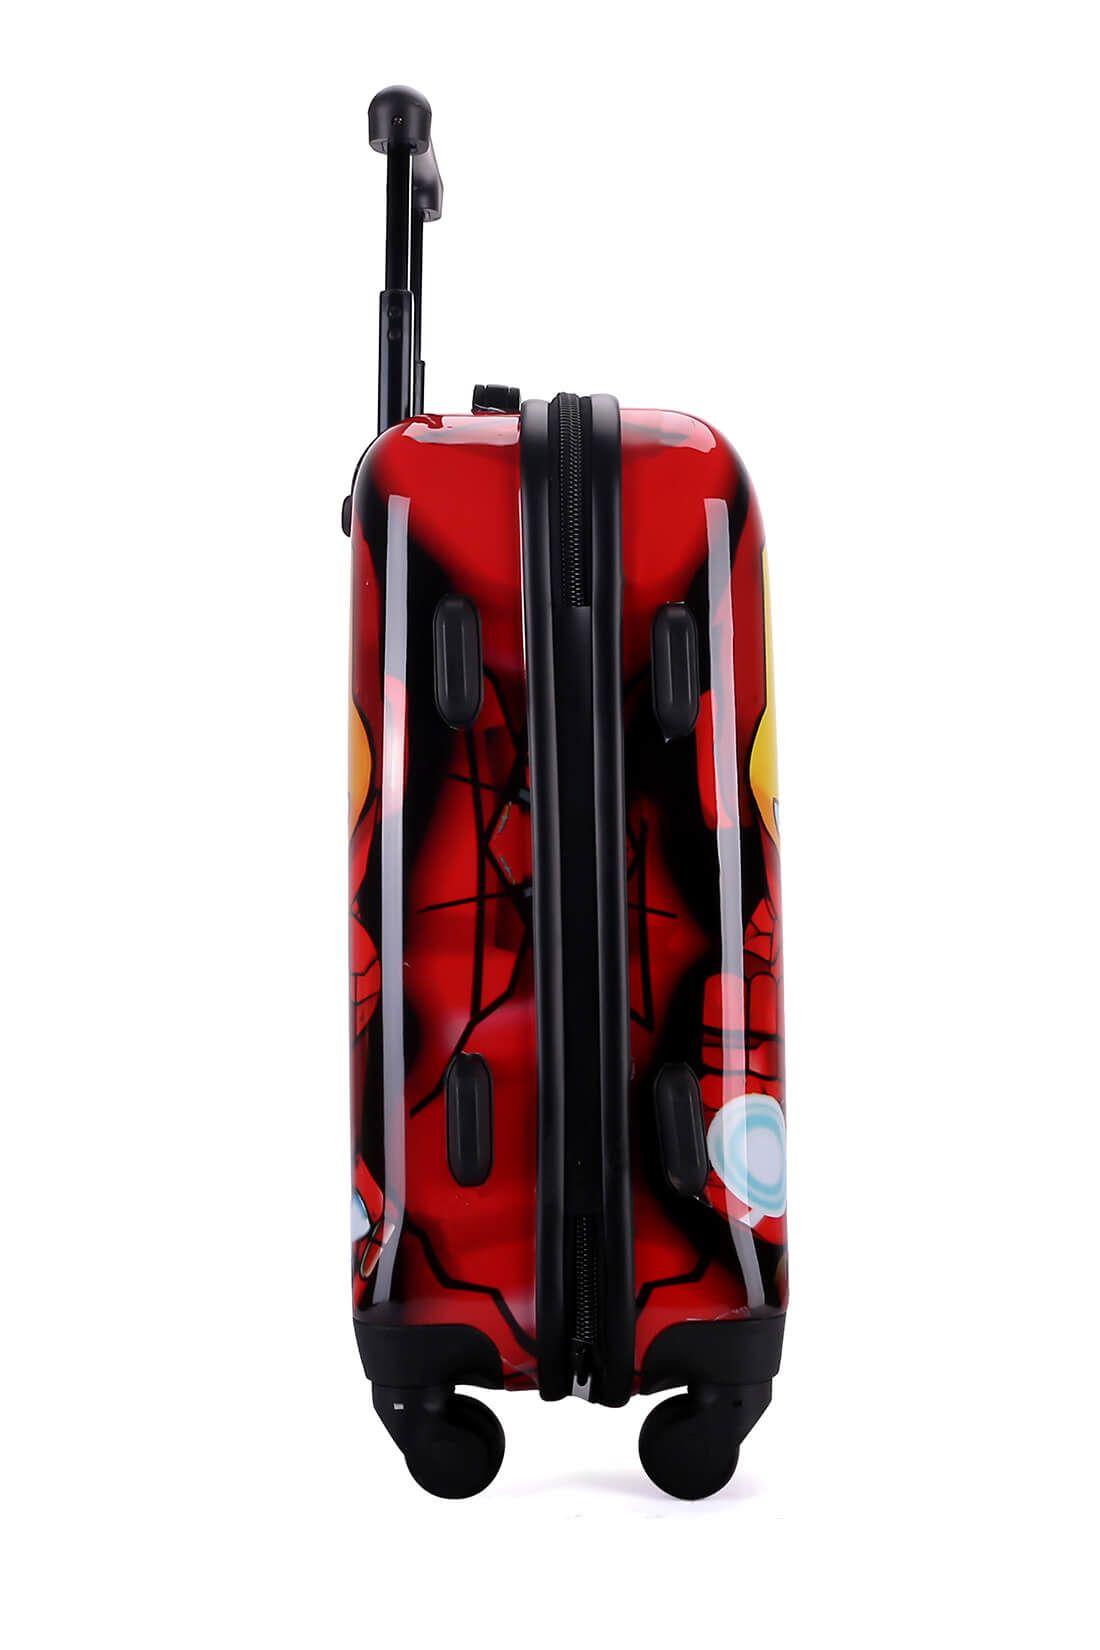 Bagaglio Valigie Cabina Trolley Valigia a Mano Giovanile